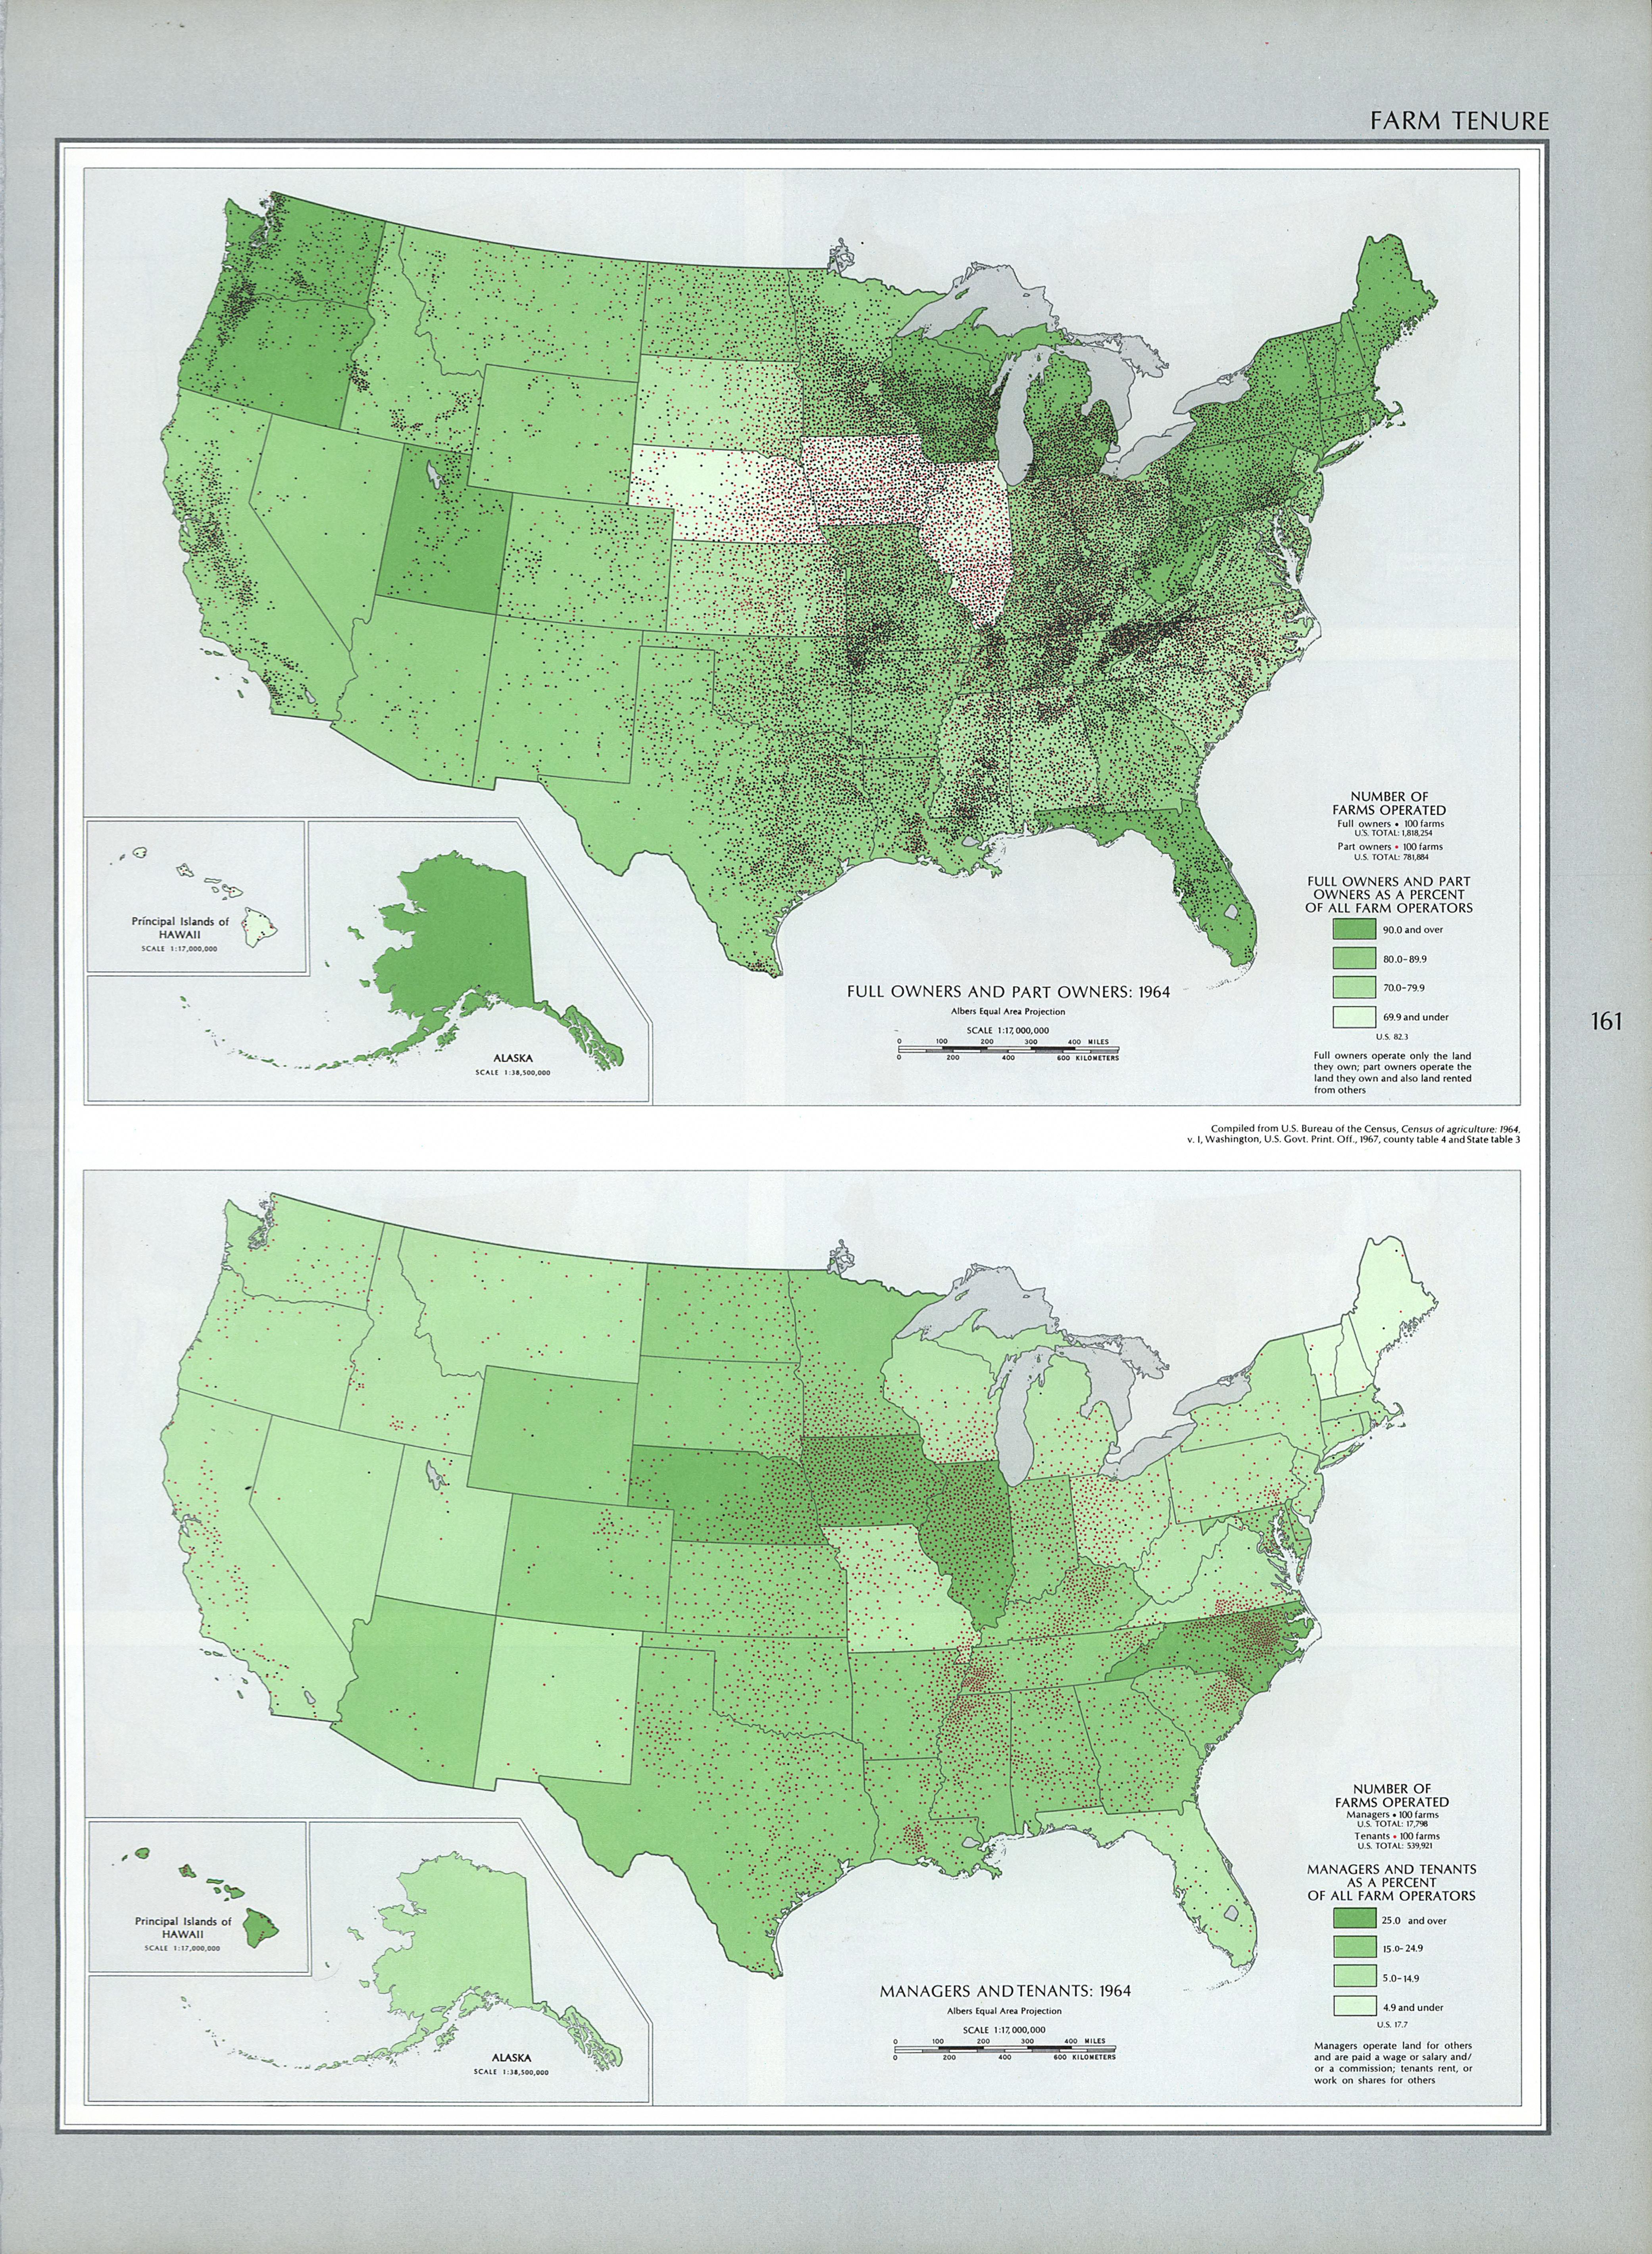 Mapa de la Tenencia de las Propiedades Agrícolas en Estados Unidos